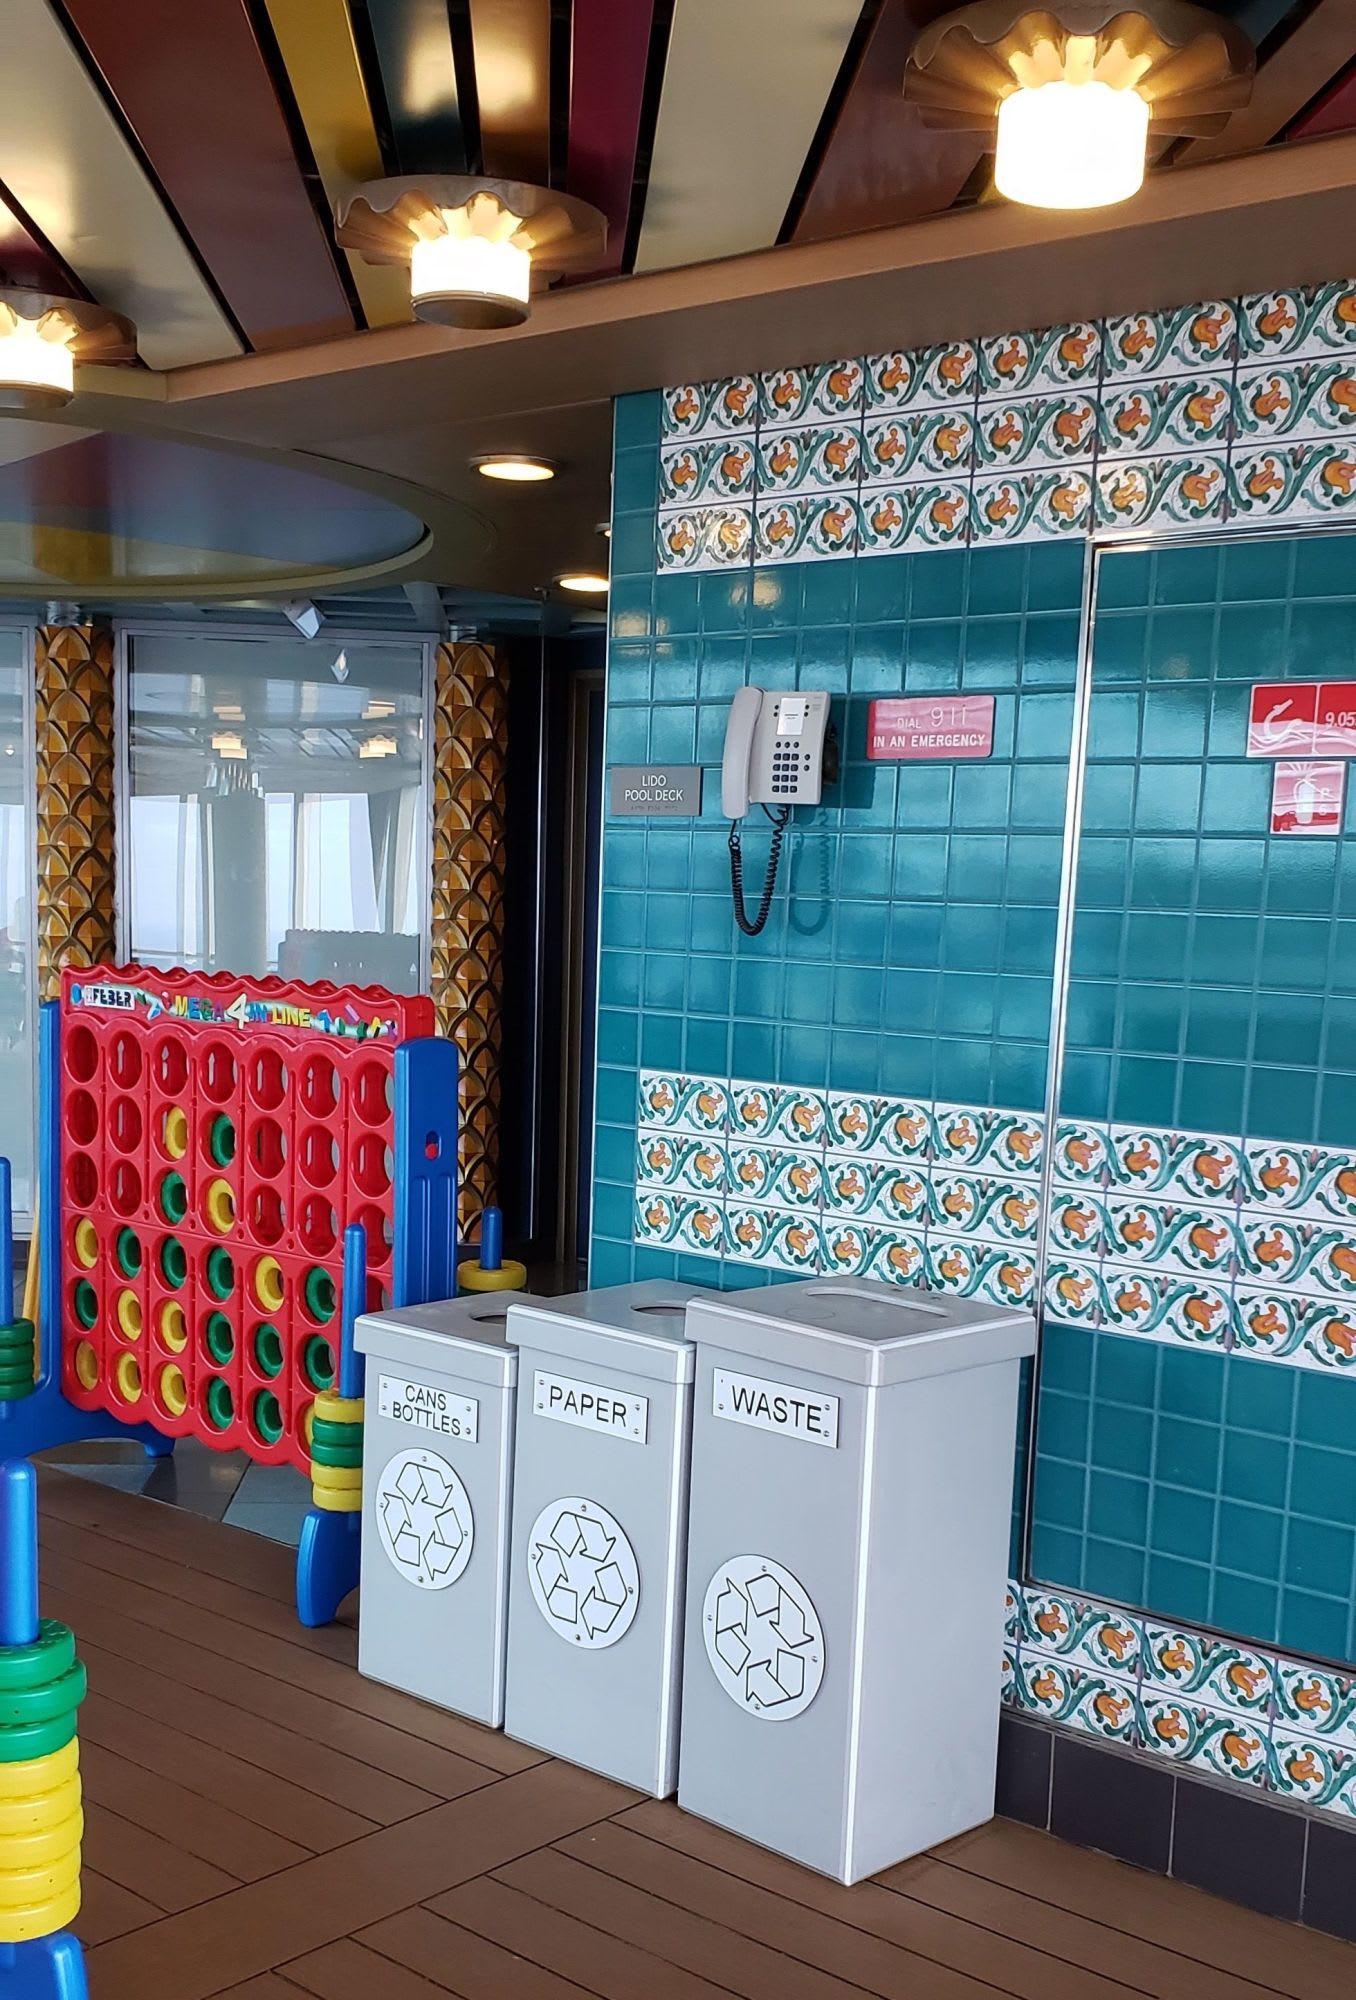 リサイクルが奨励されているのでしっかり分けられたごみ箱